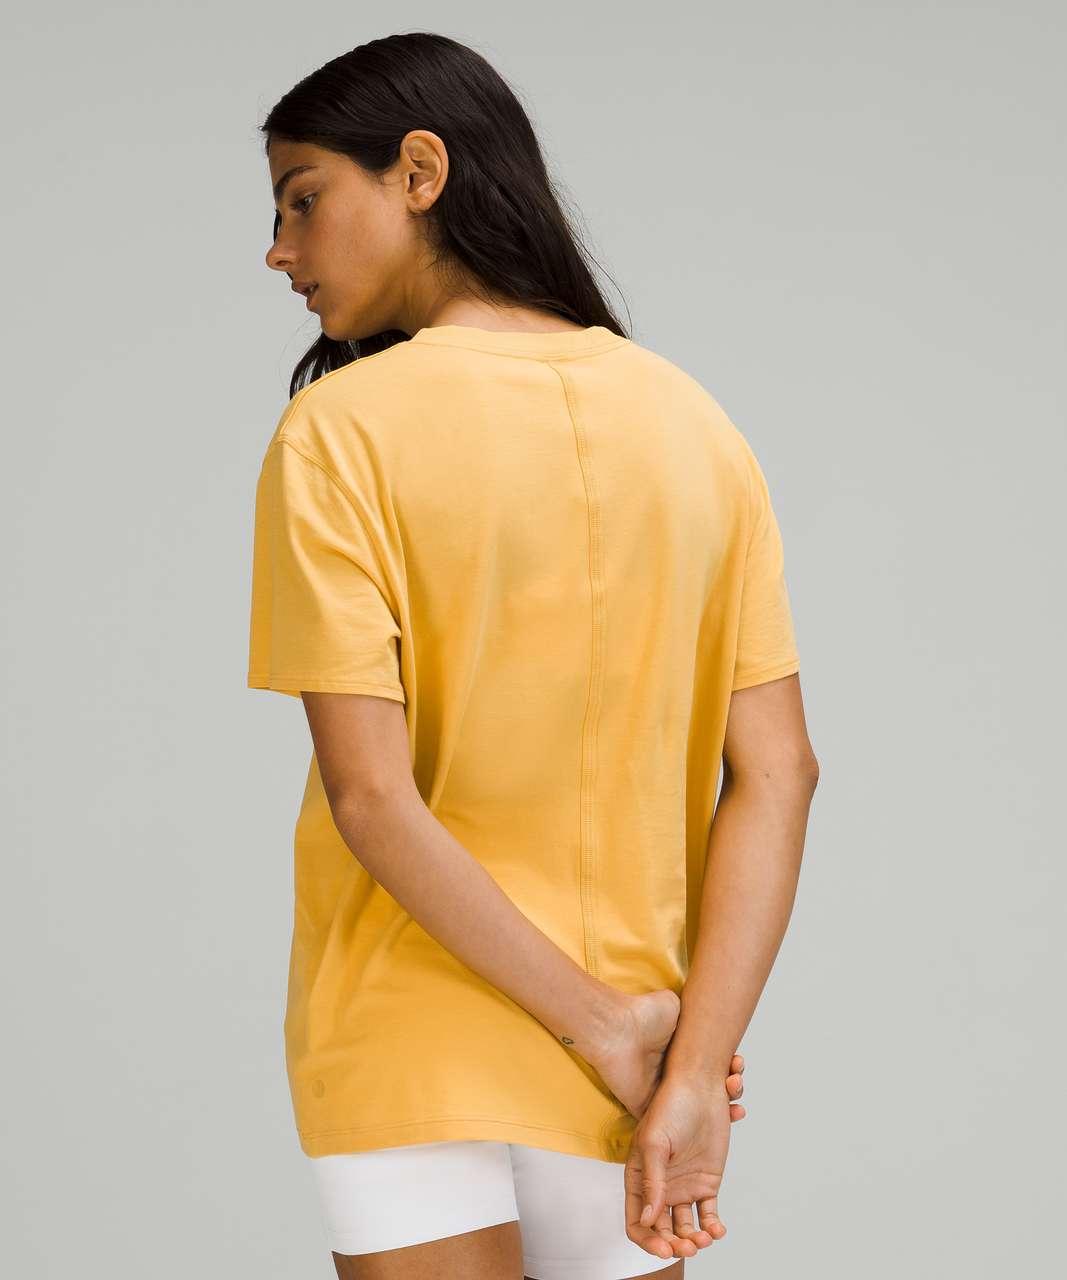 Lululemon All Yours Tee - Wheat Yellow